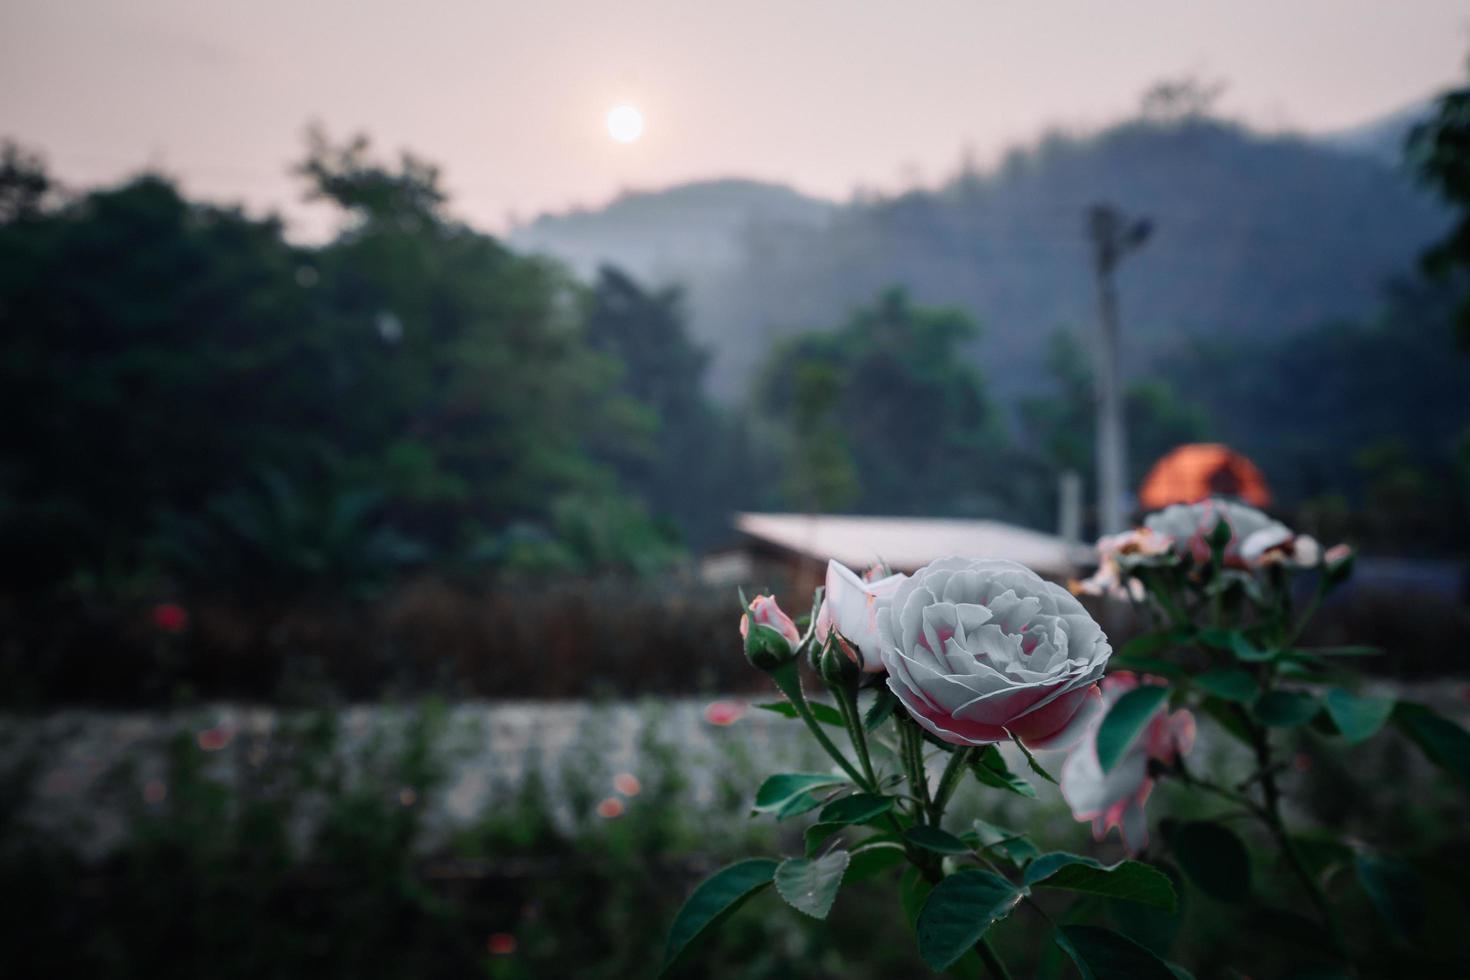 belle rose dans un jardin photo